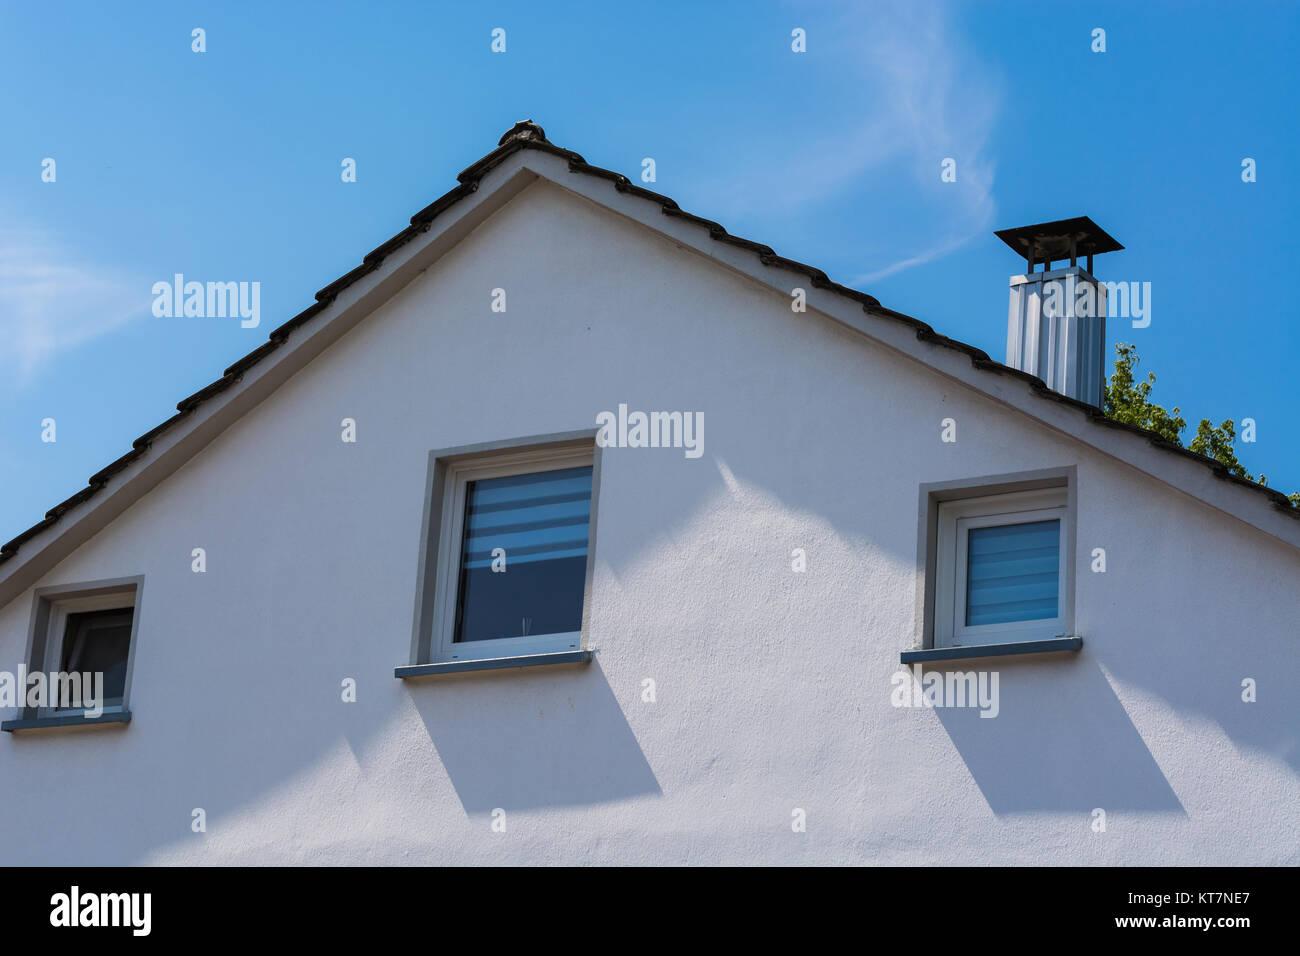 Beste Giebelseite Framing Ideen - Benutzerdefinierte Bilderrahmen ...